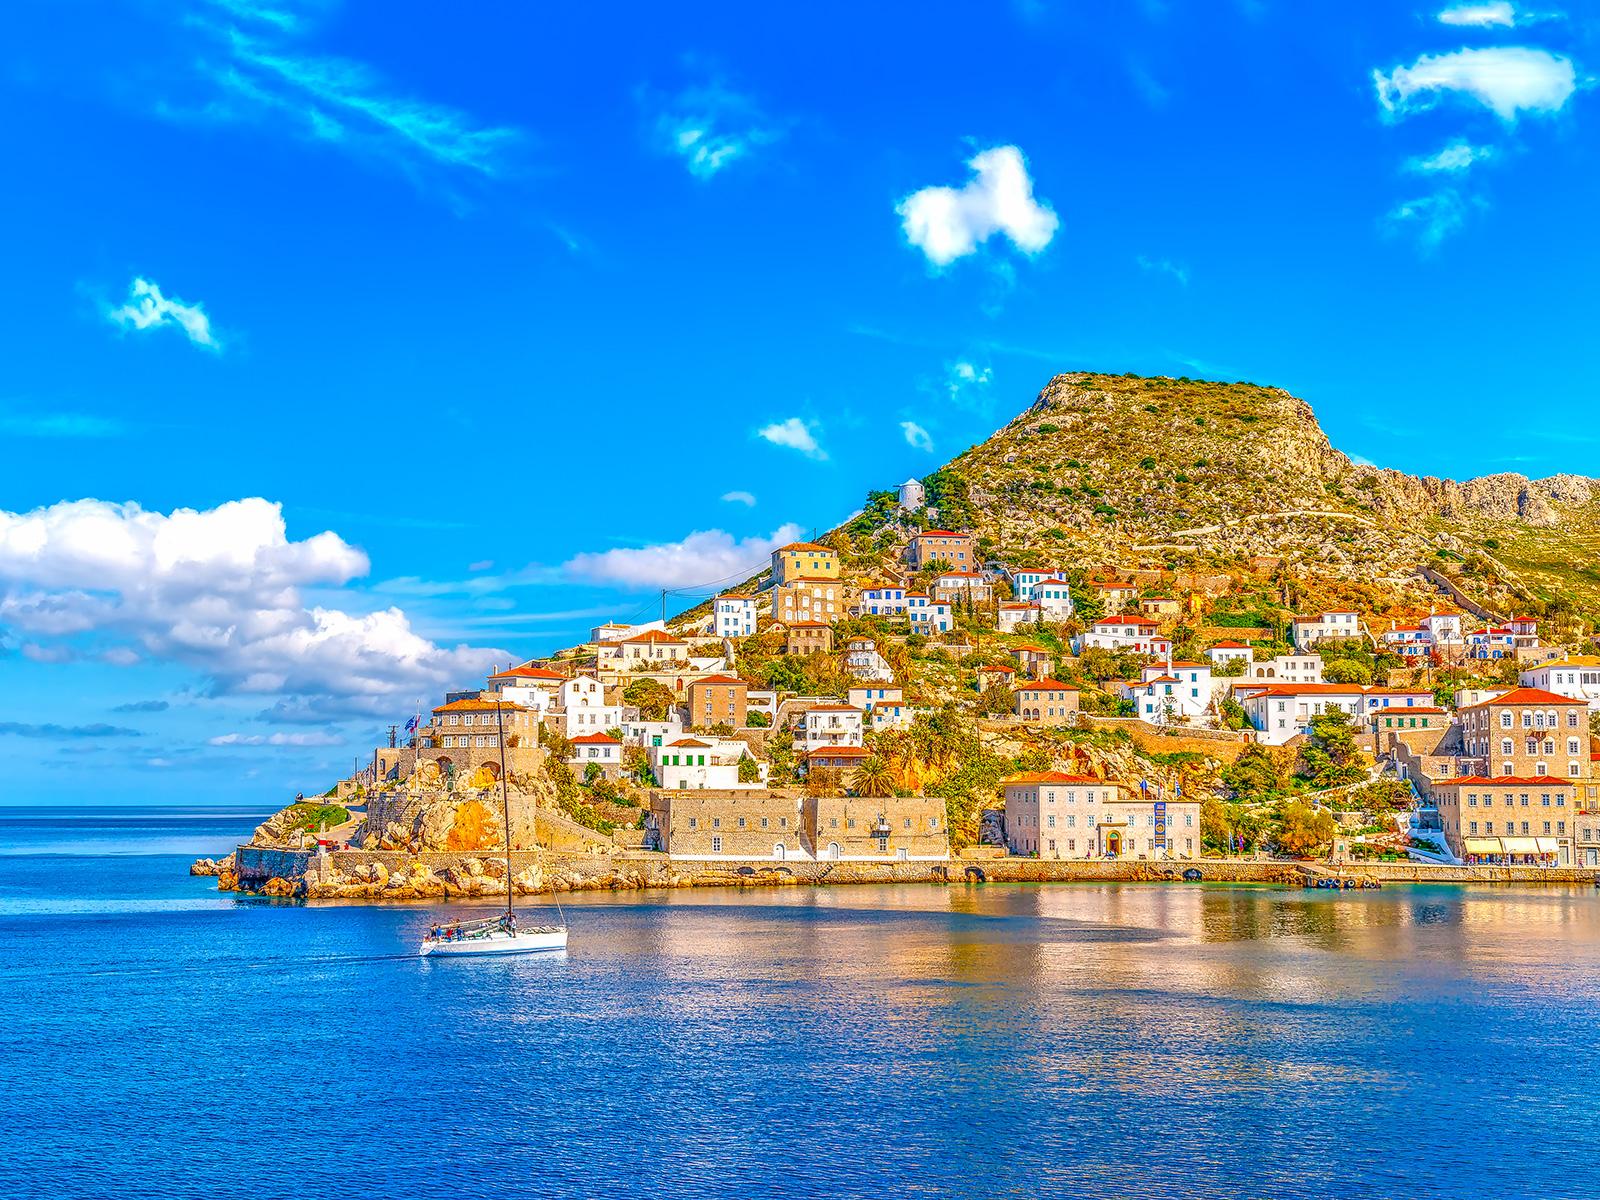 Doğal özellikler, iklim. Yunanistan yılın herhangi bir saatinde turist bekliyor